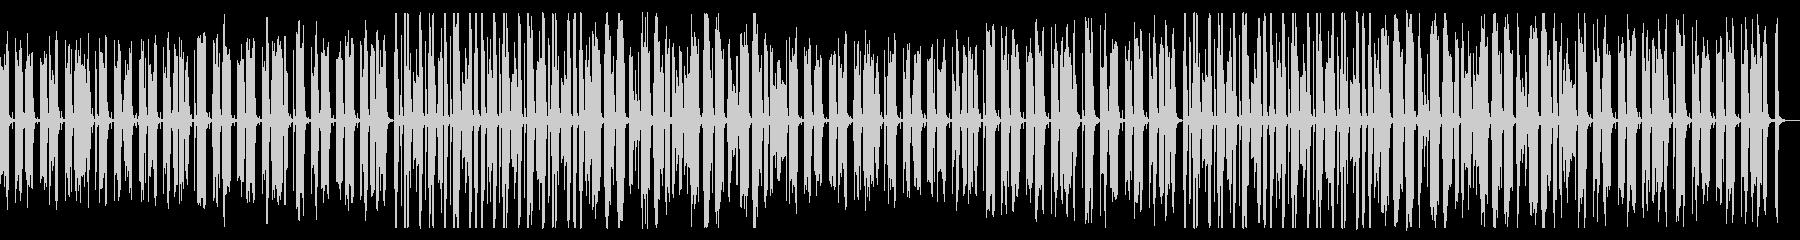 ほのぼのとしたアコーディオンBGMの未再生の波形